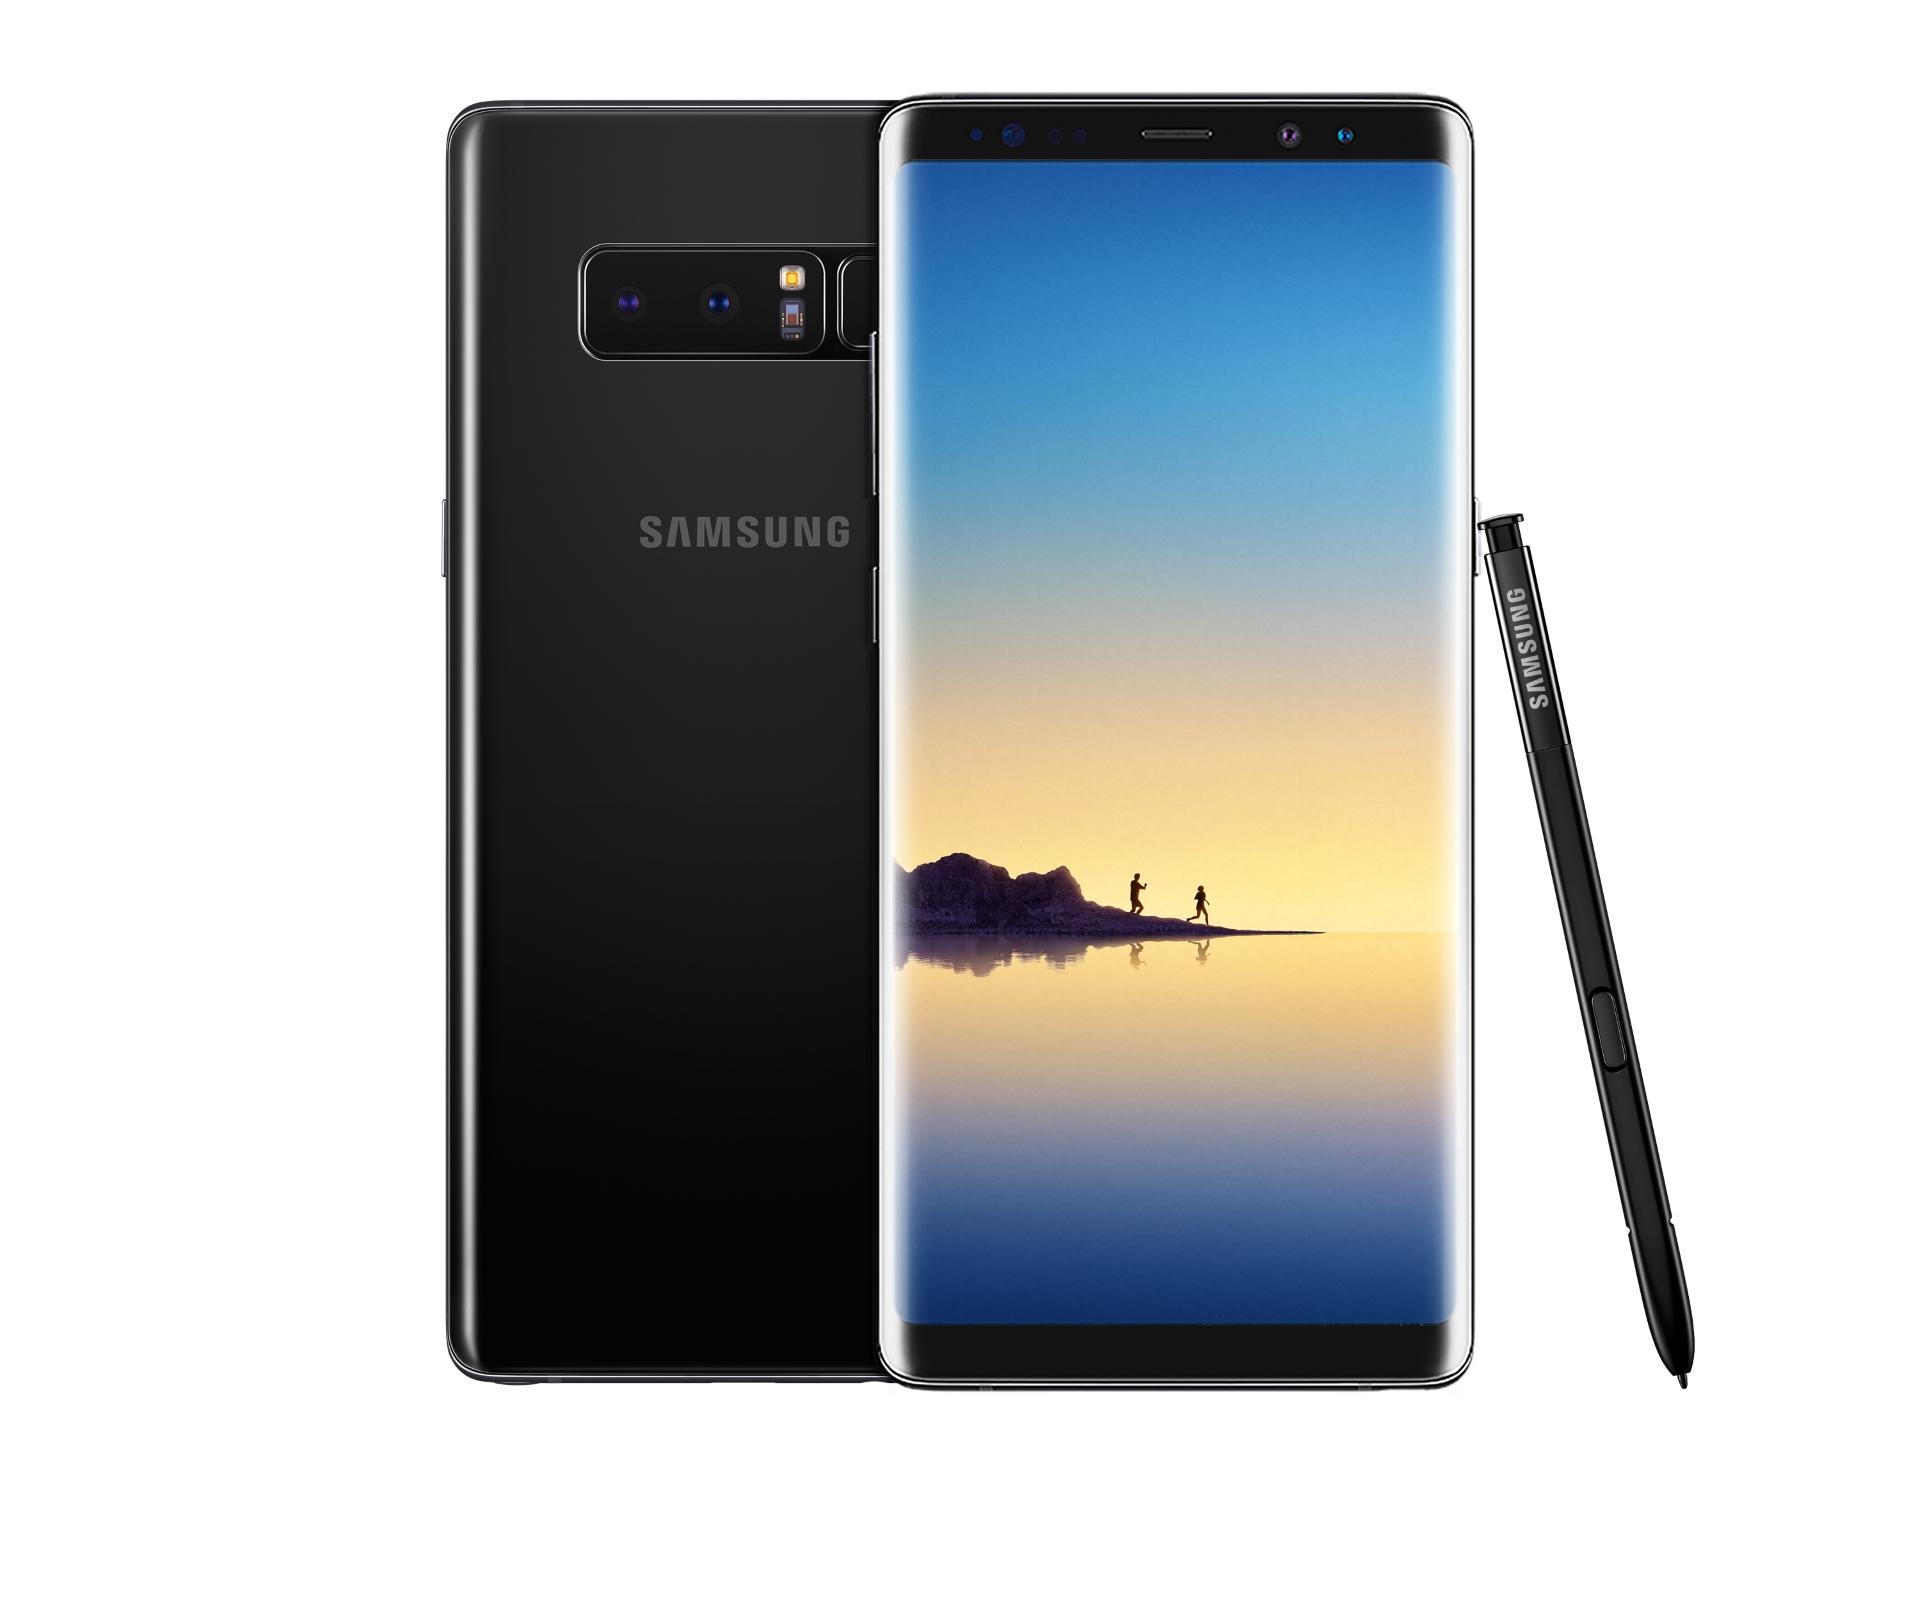 🔥 Soldes : le Samsung Galaxy Note 8 passe à 799 euros sur Cdiscount via ODR